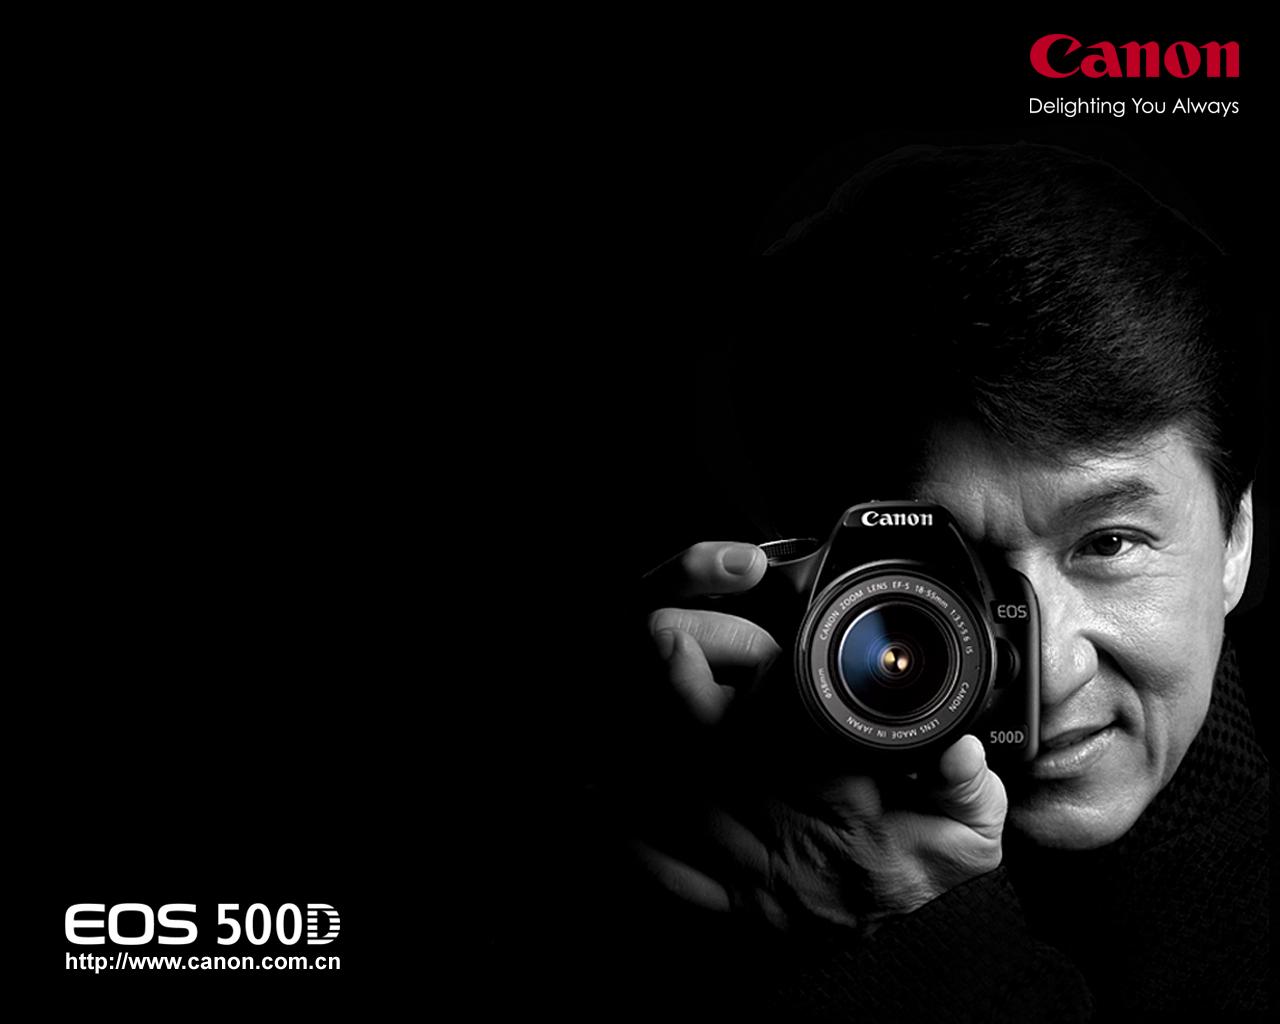 500d+canon+camera